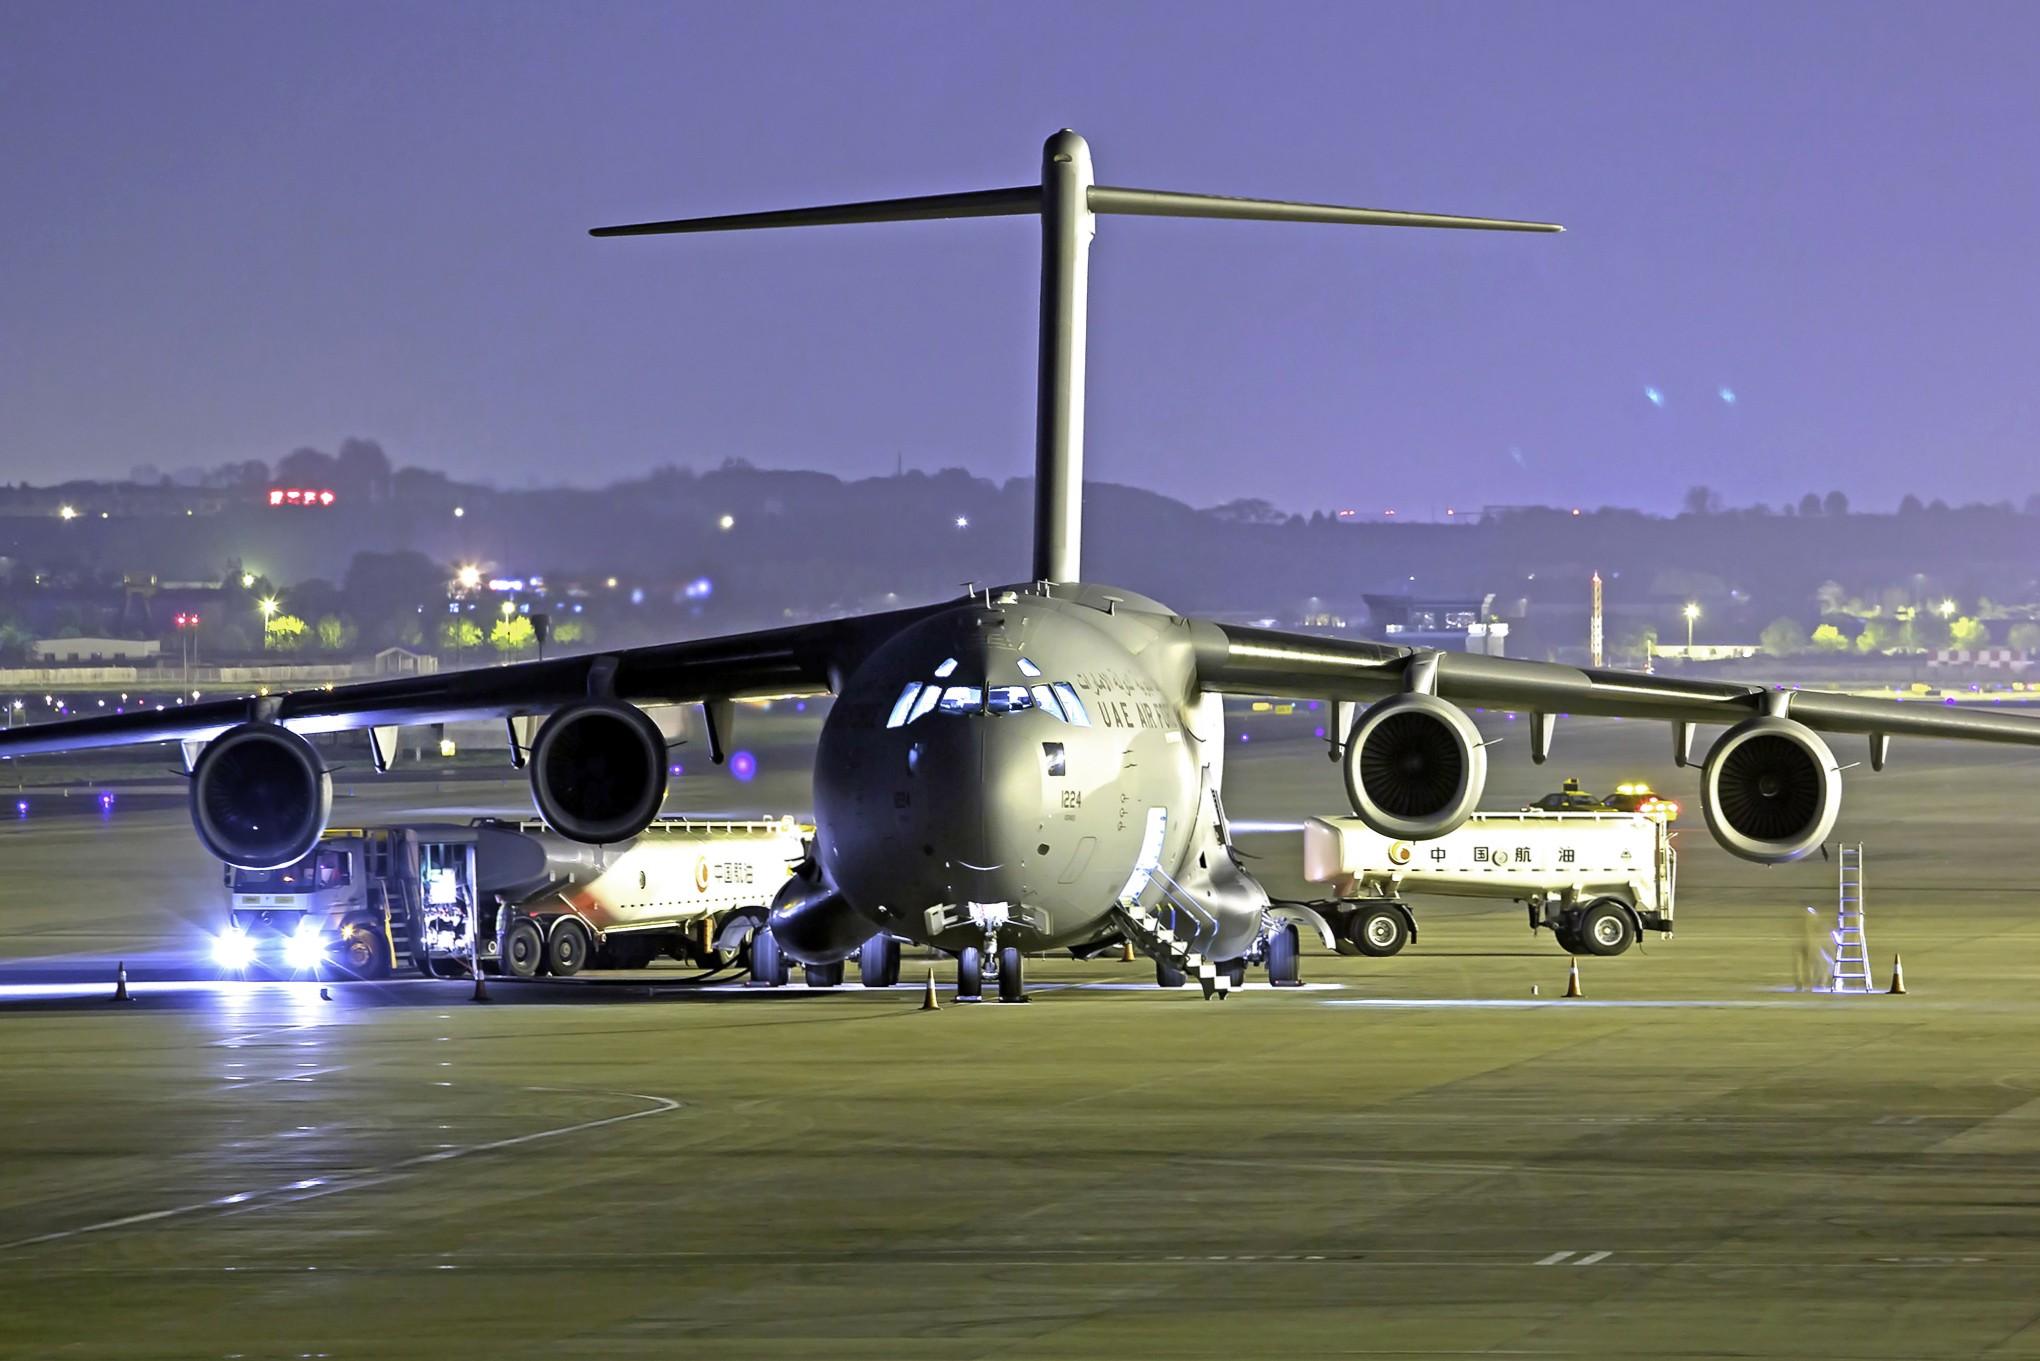 Re:[原创][DLC]全球霸王III-C17….连载……. BOEING C-17A GLOBEMASTER III 1224 中国大连周水子国际机场